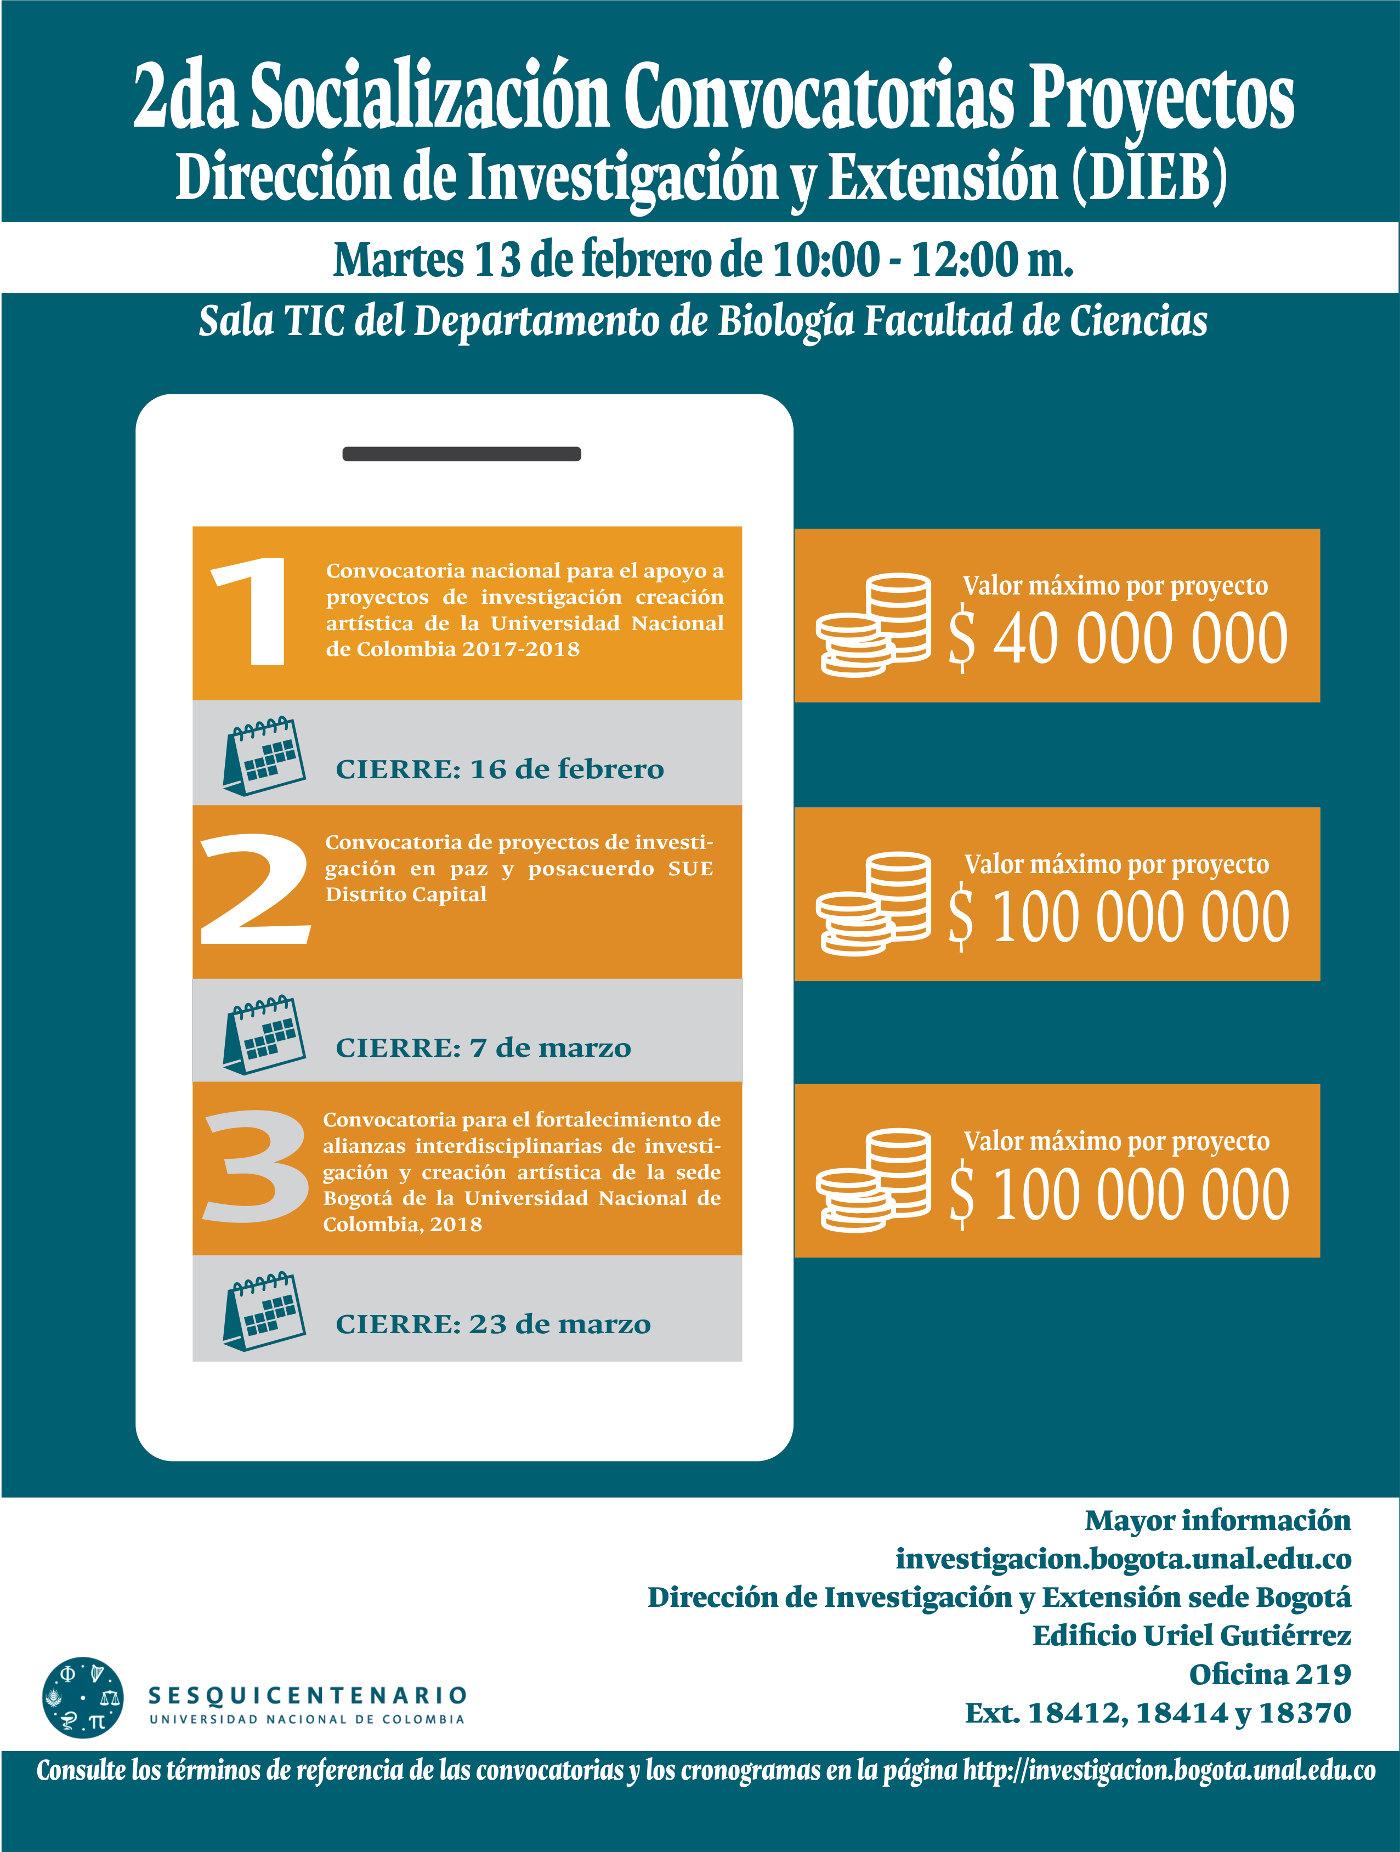 Segunda jornada de socialización (divulgación) de las convocatorias de proyectos de la sede Bogotá (DIEB)